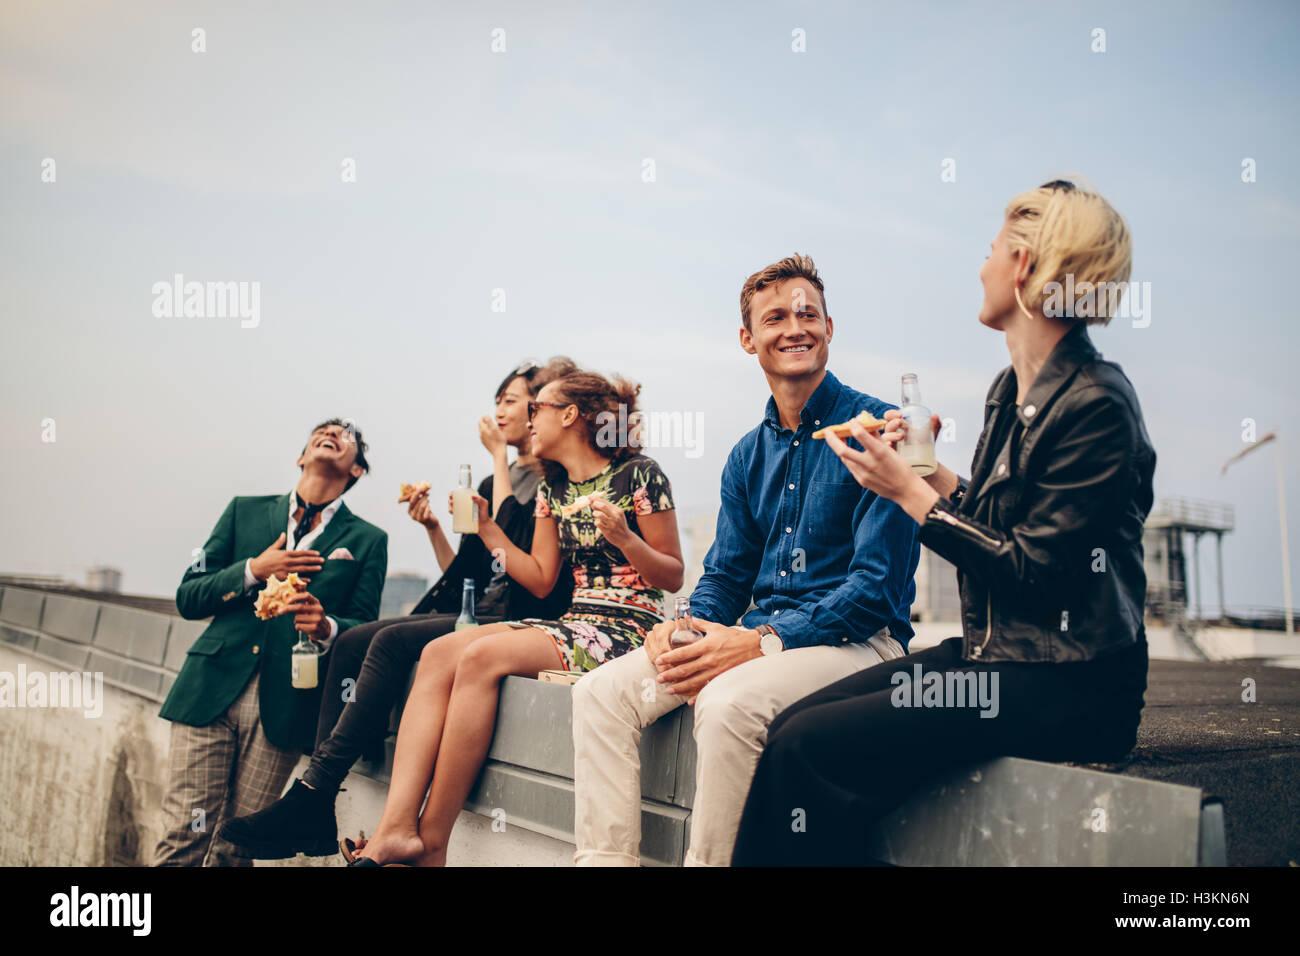 Gruppe von Freunden feiern auf Terrasse, Essen und trinken. Junge Männer und Frauen genießen Drinks auf Stockbild